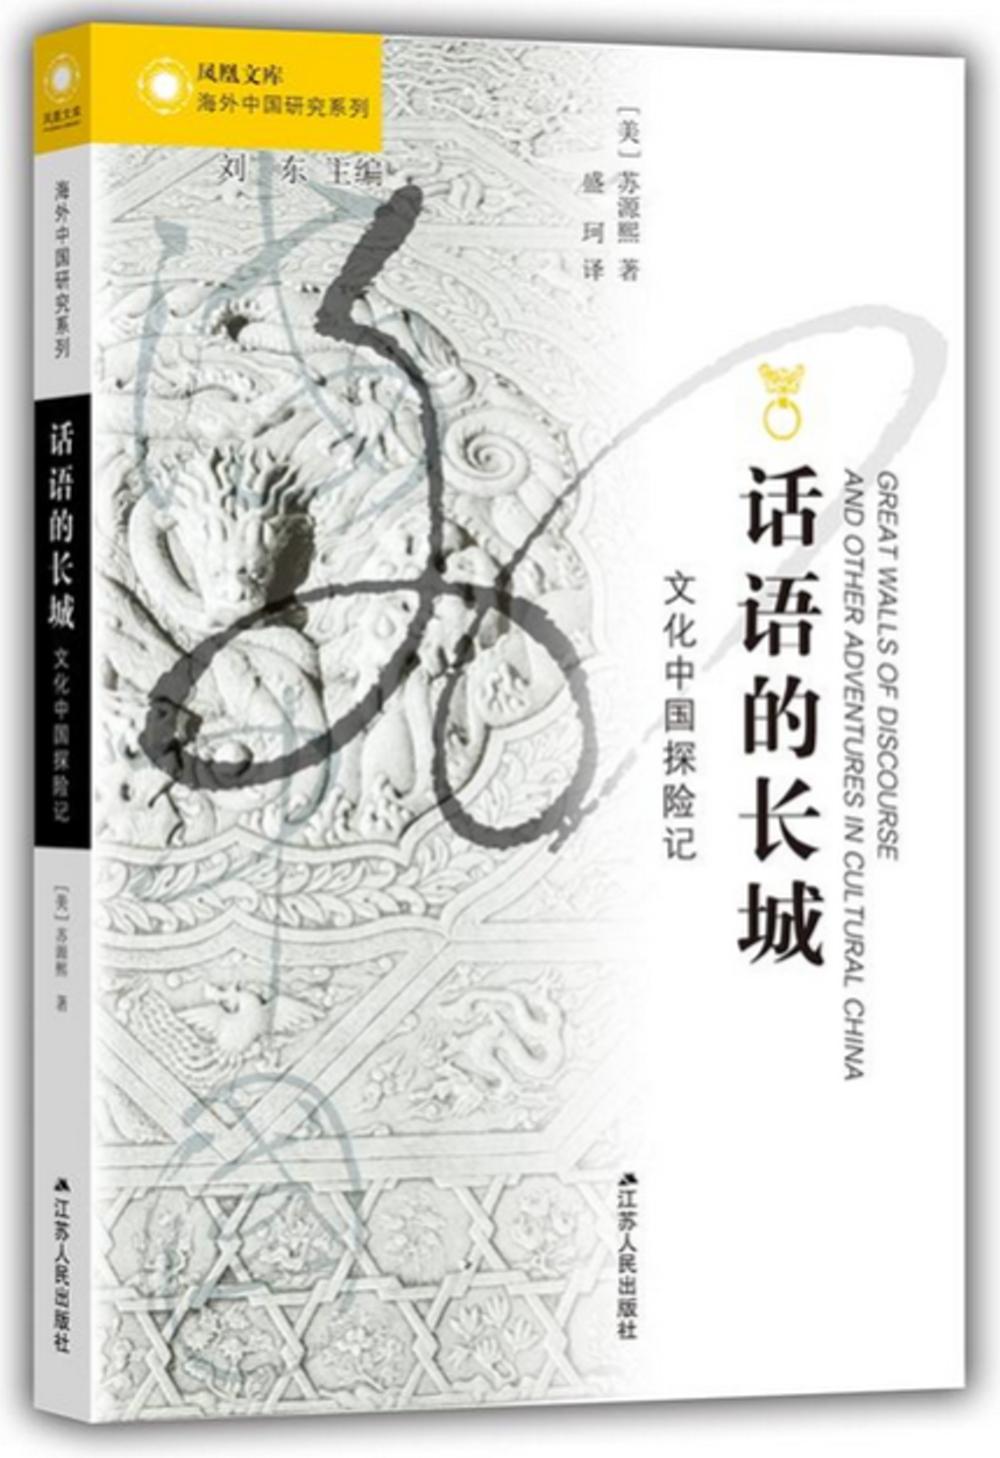 話語的長城:文化中國探險記